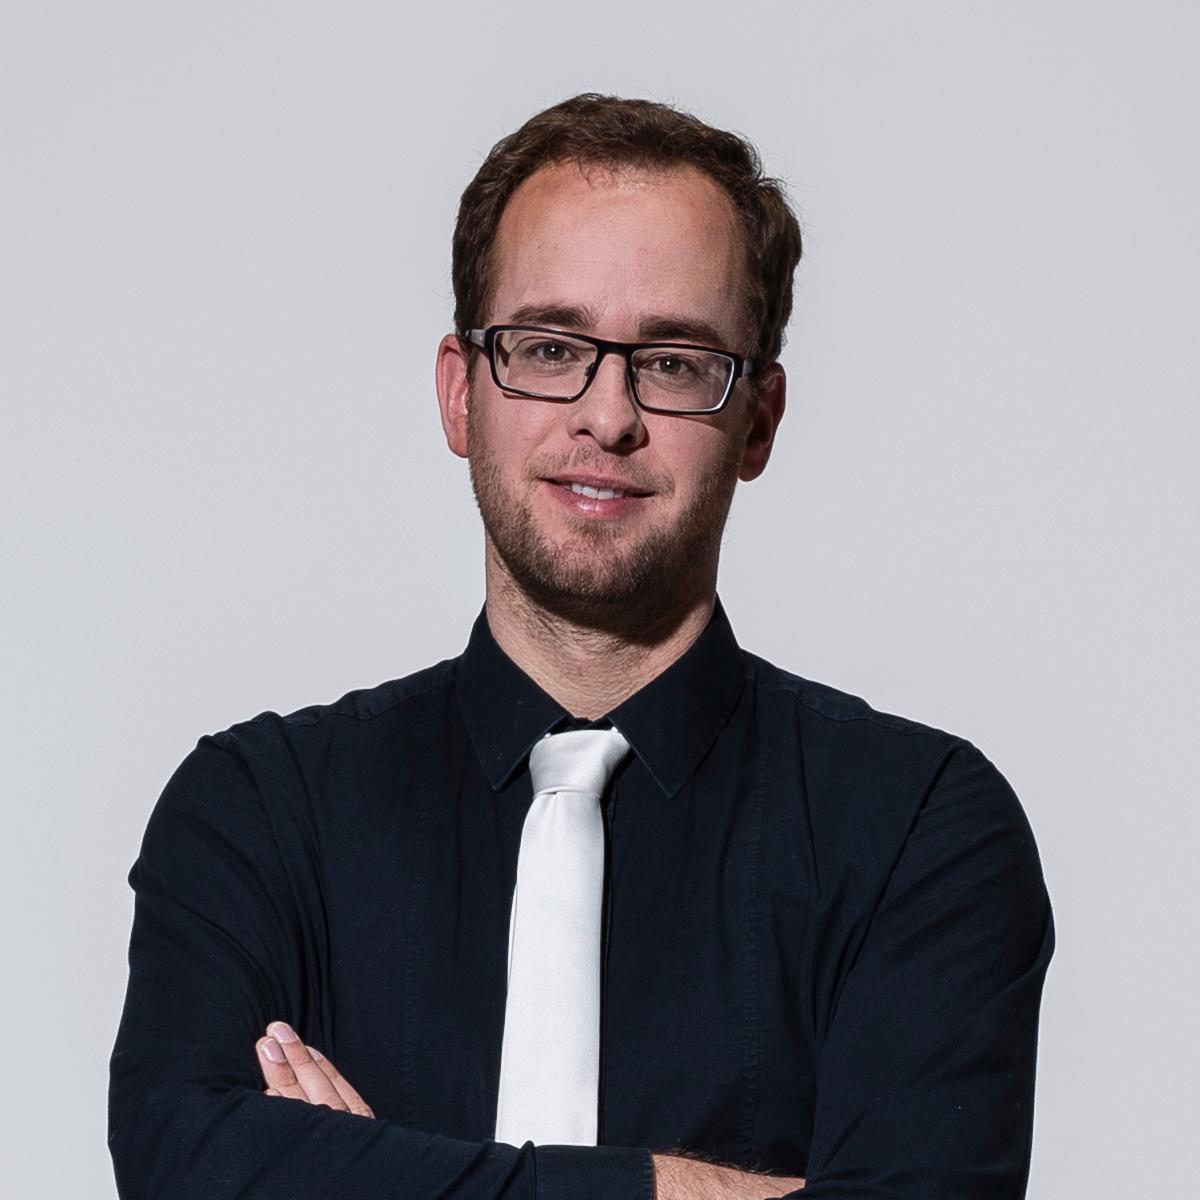 Florian Reissmüller